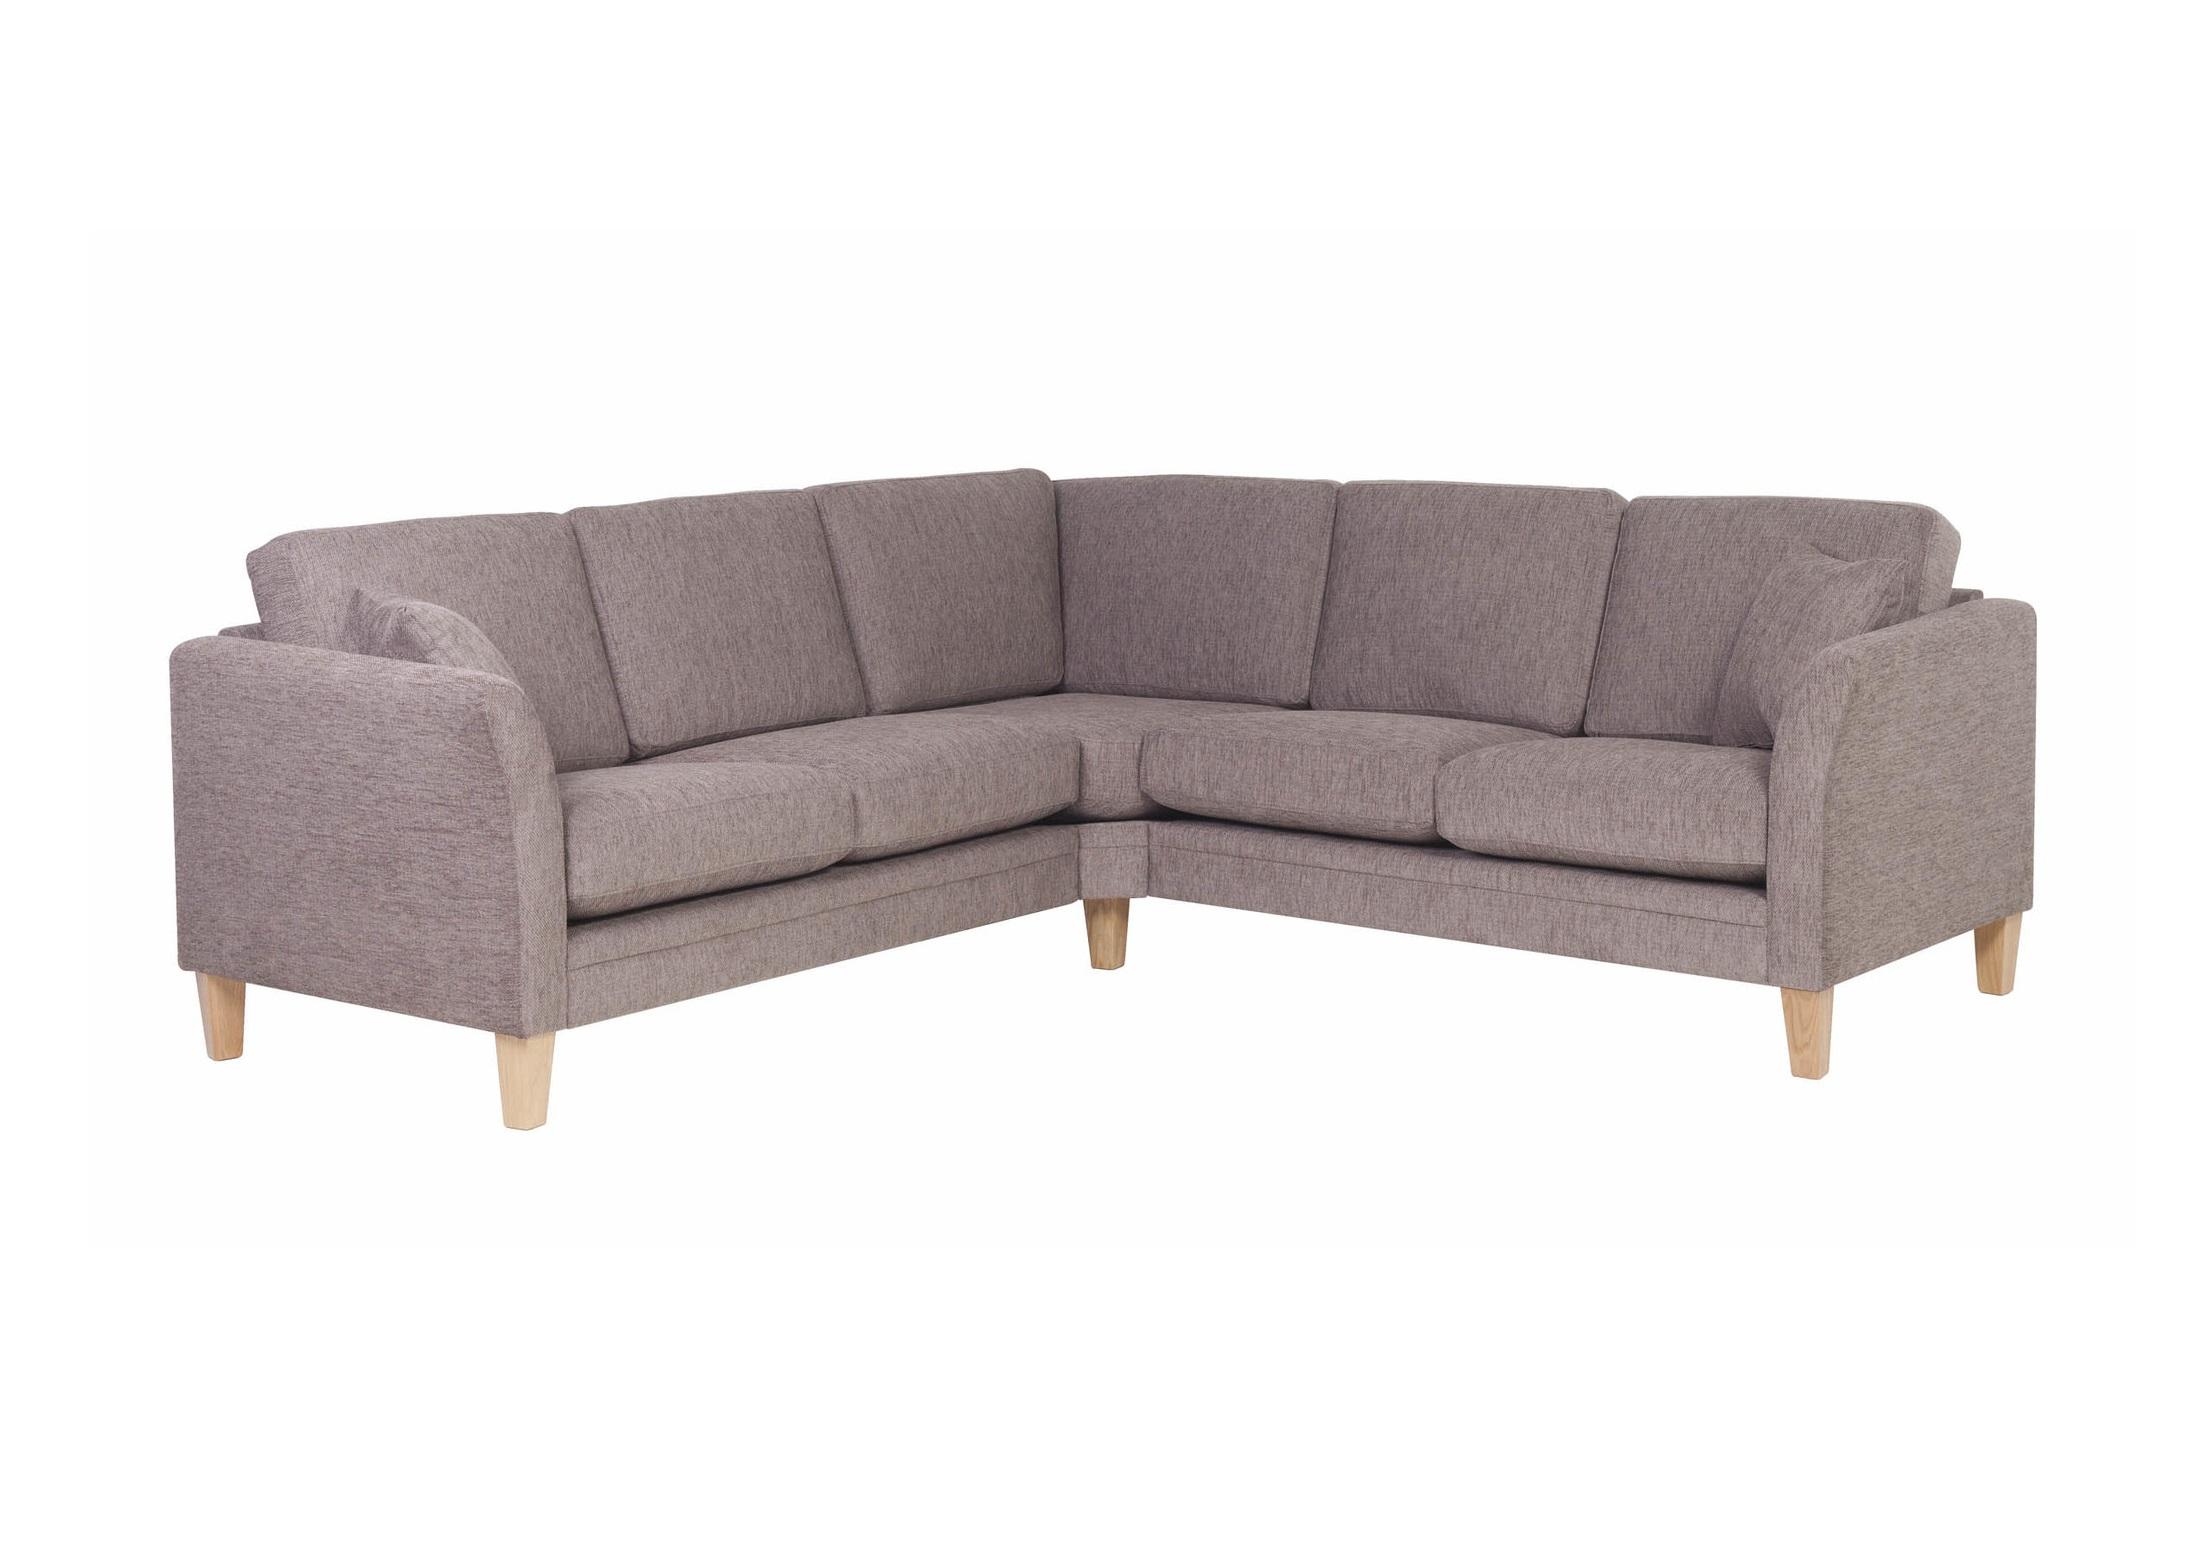 Диван МоссУгловые диваны<br>Диван Мосс – это красота, легкость и комфорт – всё, что так ценно в современном мире.  Угол можно выбрать самому -левый или правый (угол определяется сидя на диване).&amp;amp;nbsp;&amp;lt;div&amp;gt;&amp;lt;br&amp;gt;&amp;lt;/div&amp;gt;&amp;lt;div&amp;gt;Каркас (комбинации дерева, фанеры и ЛДСП). Не разбирается.&amp;amp;nbsp;&amp;lt;/div&amp;gt;&amp;lt;div&amp;gt;Для сидячих подушек используют пену различной плотности, а также перо и силиконовое волокно.&amp;amp;nbsp;&amp;lt;/div&amp;gt;&amp;lt;div&amp;gt;Для задних подушек есть пять видов наполнения: пена, измельченая пена, пена высокой эластичности, силиконовые волокно.&amp;amp;nbsp;&amp;lt;/div&amp;gt;&amp;lt;div&amp;gt;Материал обивки: Miracle 5 brown (Шенилл. Состав: 100% полиэстер).&amp;lt;/div&amp;gt;<br><br>Material: Текстиль<br>Ширина см: 180<br>Высота см: 82<br>Глубина см: 87